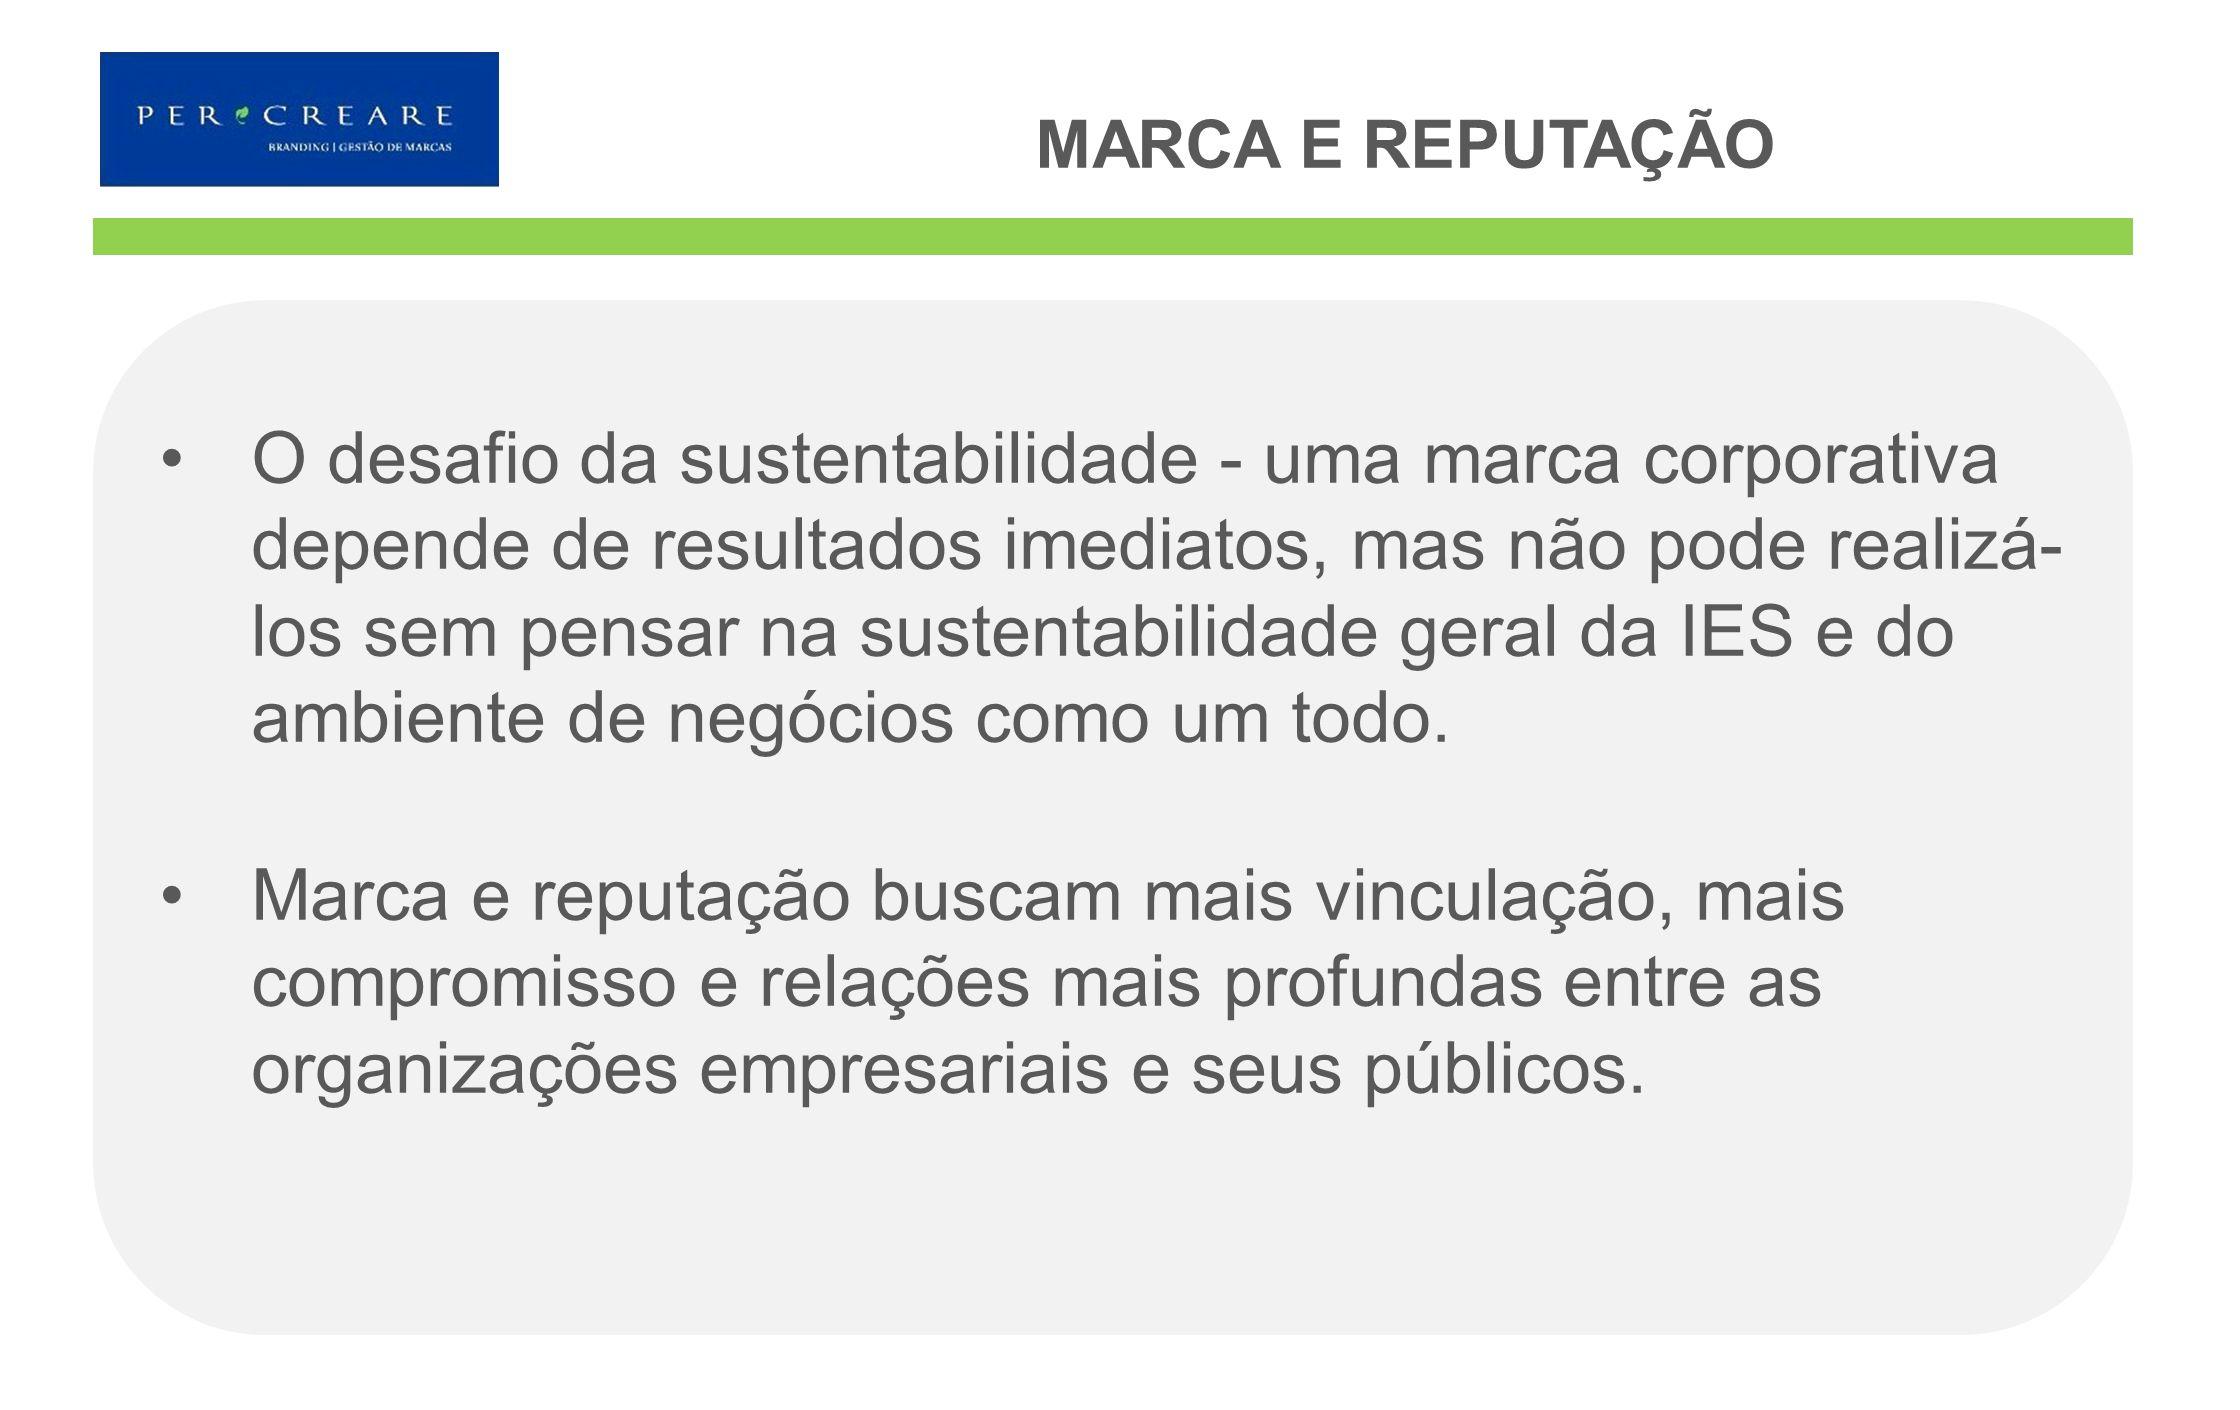 MARCA E REPUTAÇÃO O desafio da sustentabilidade - uma marca corporativa depende de resultados imediatos, mas não pode realizá- los sem pensar na suste